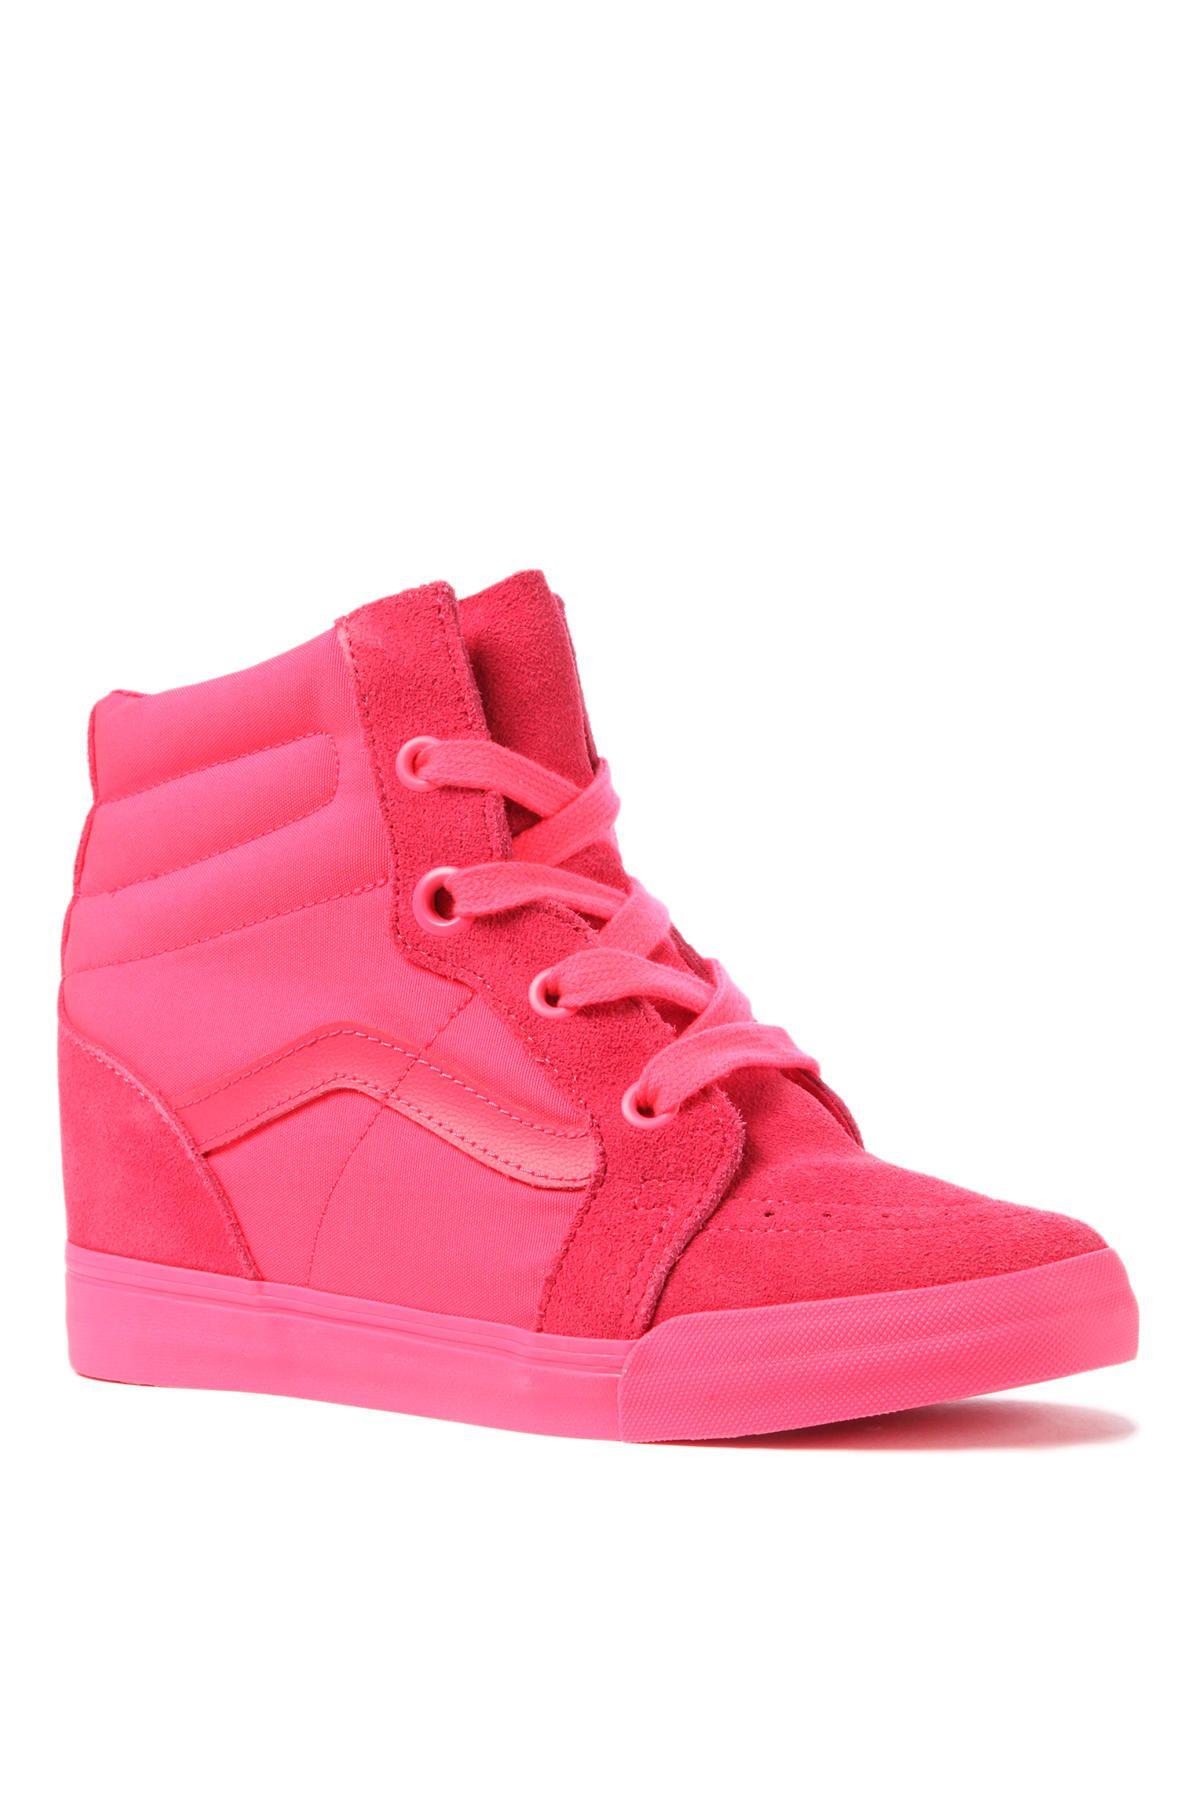 Vans Sk8-Hi Wedge Sneaker in Neon Red - Karmaloop.com  9306721fd20f